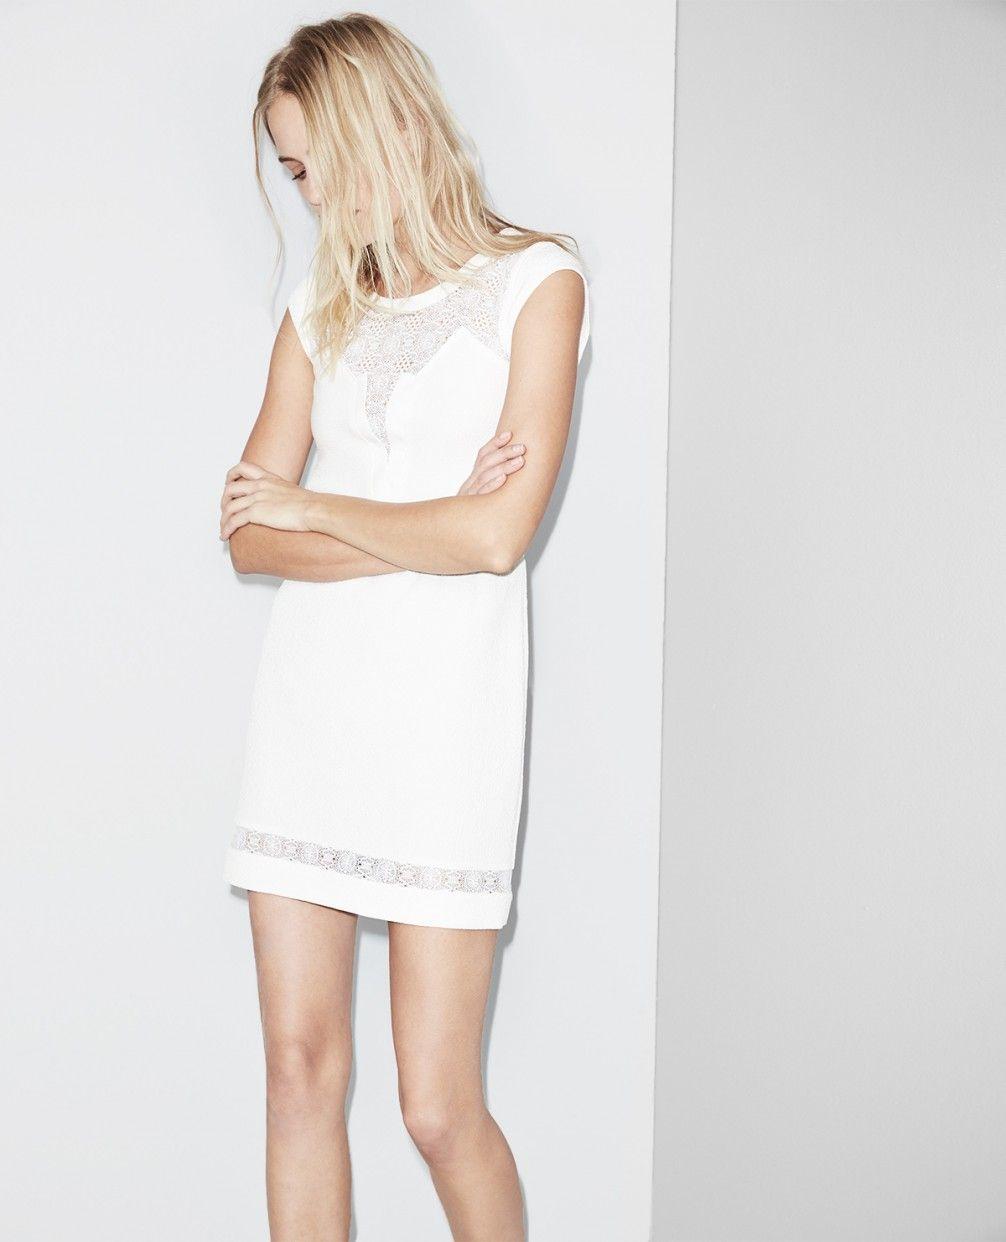 Si vous cherchez une robe pour votre mariage civil, une tenue pour le  brunch, ou simplement de jolis vêtements d\u0027été, cette sélection devrait  vous plaire !